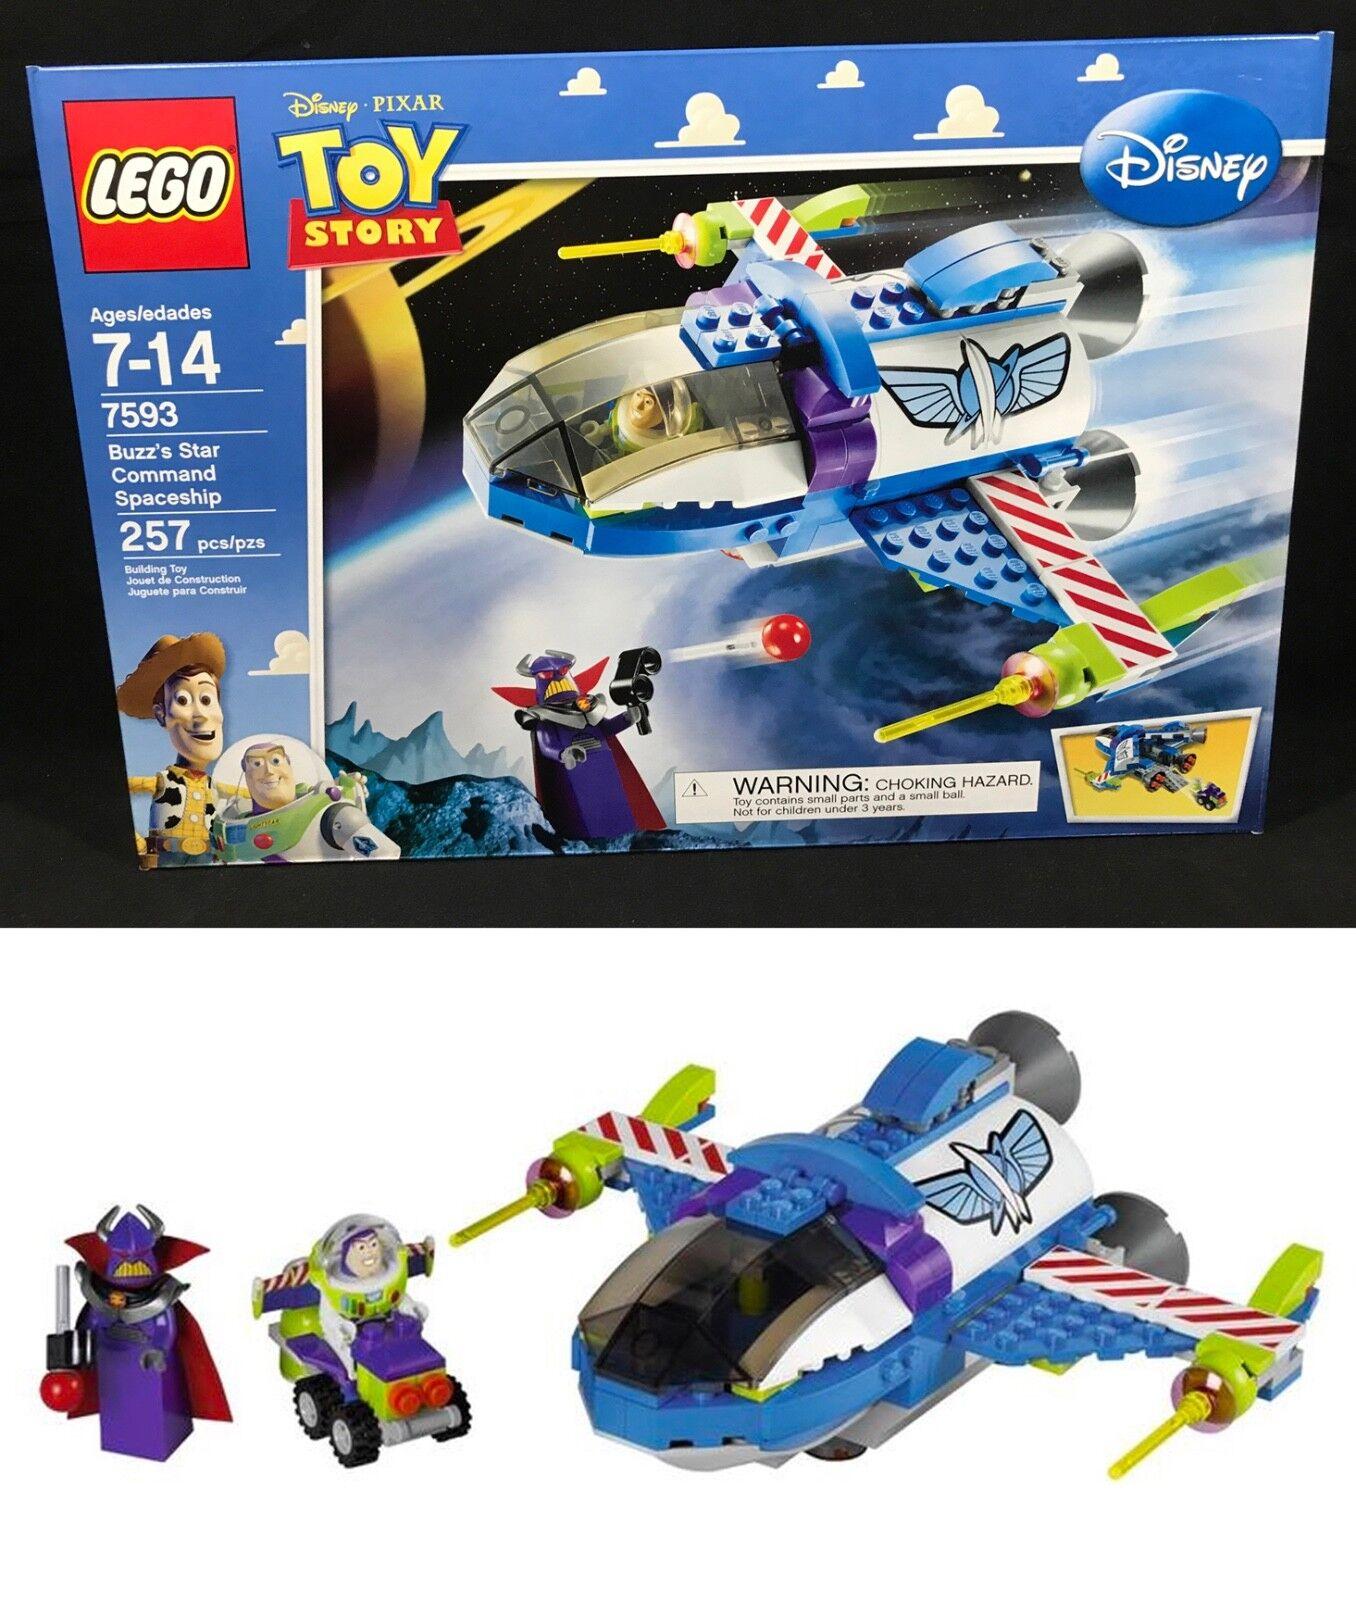 Nuovo LEGO 7593 Toy Story BUZZ'S STAR COMMAND SPACESHIP Pixar BUZZ ZURG Minifigure